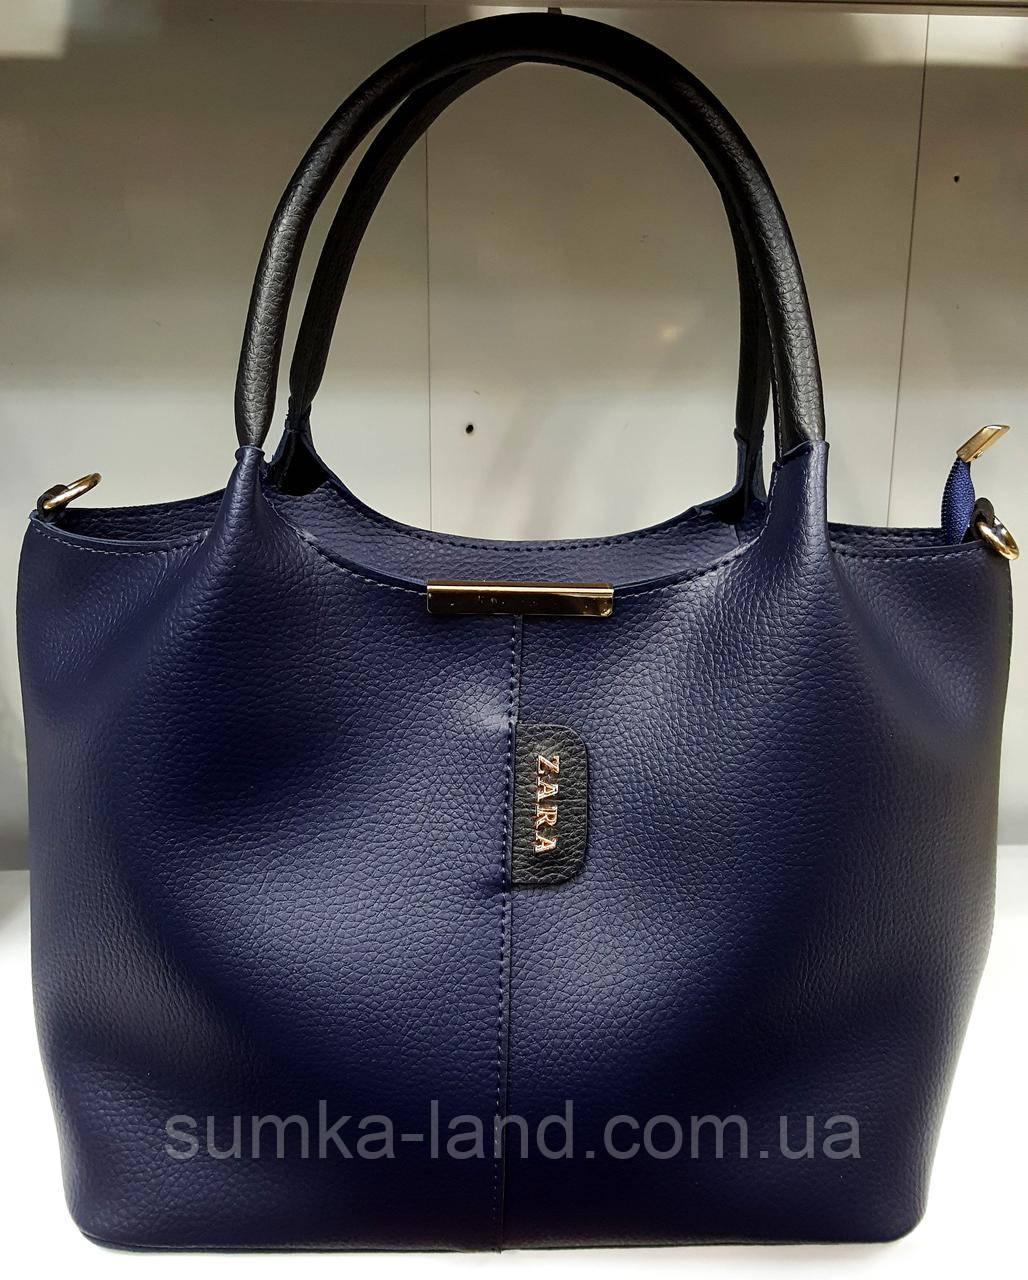 Женская сумка Zara из эко-кожи 31*23 (см) синего цвета